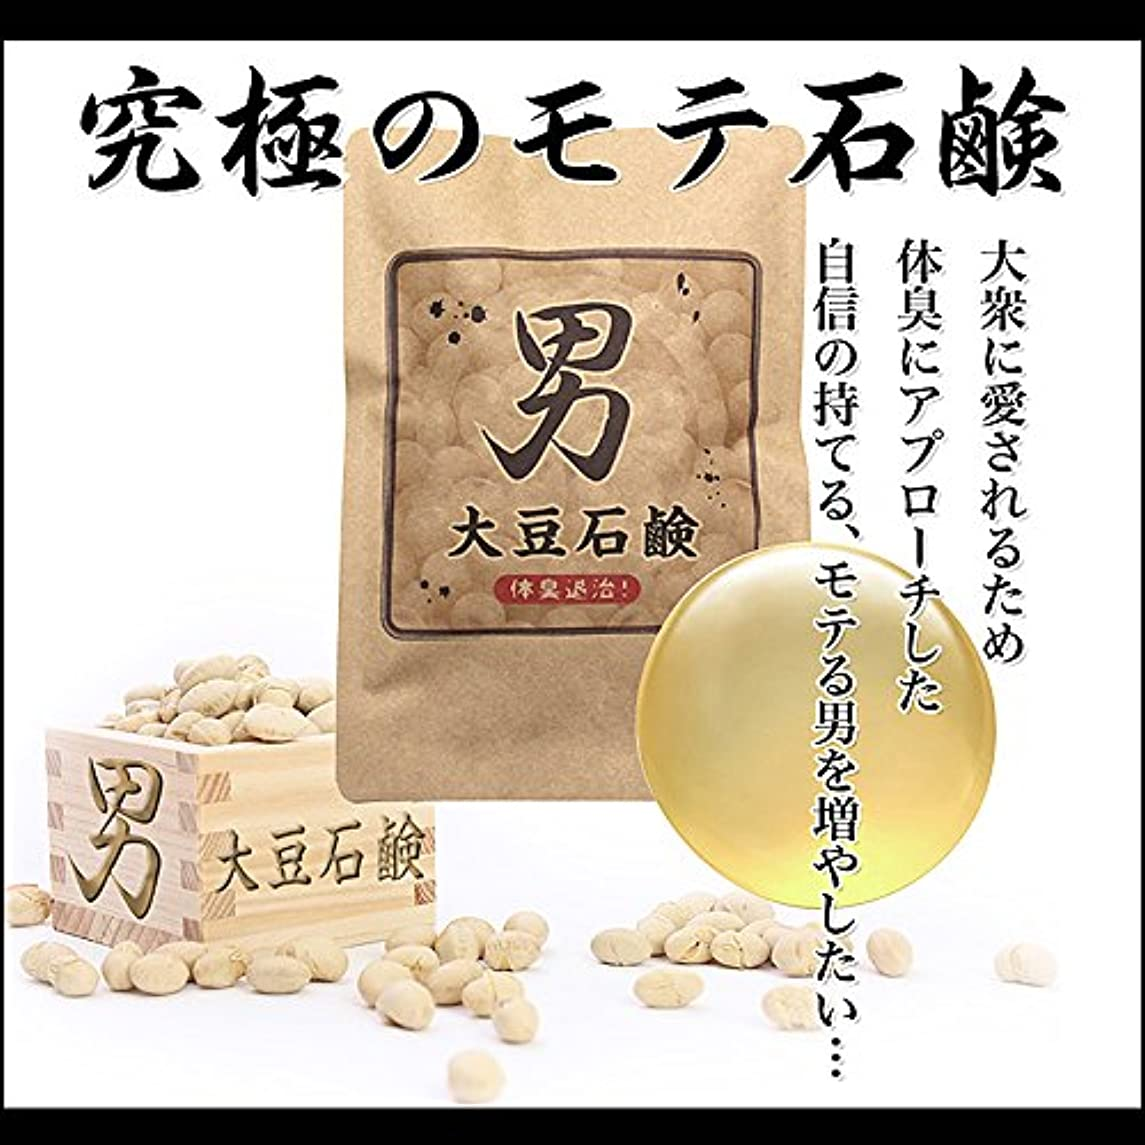 突っ込むトラクター再現する男大豆石鹸(セリュードボーテ ピュアソープ)